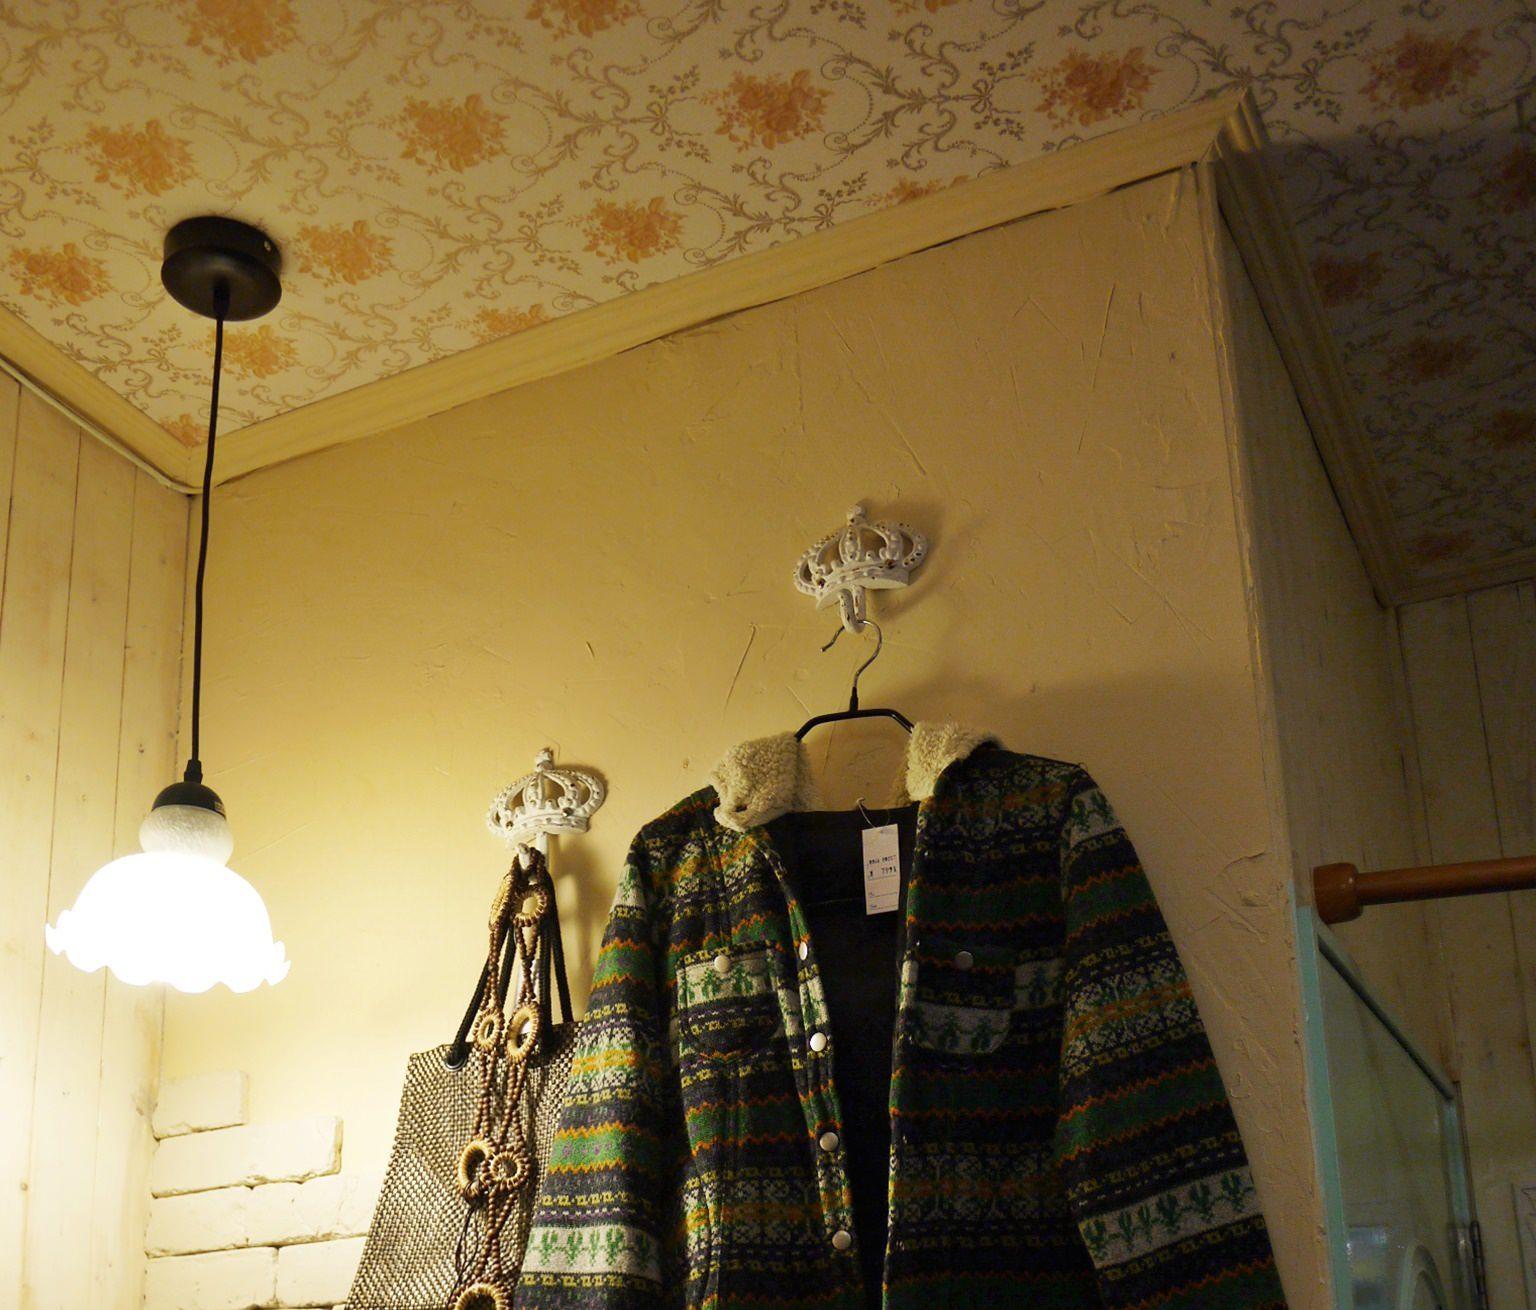 【作品】NiNi 2服飾店改裝。異國小風情輕裝修,特色壁紙與線板。